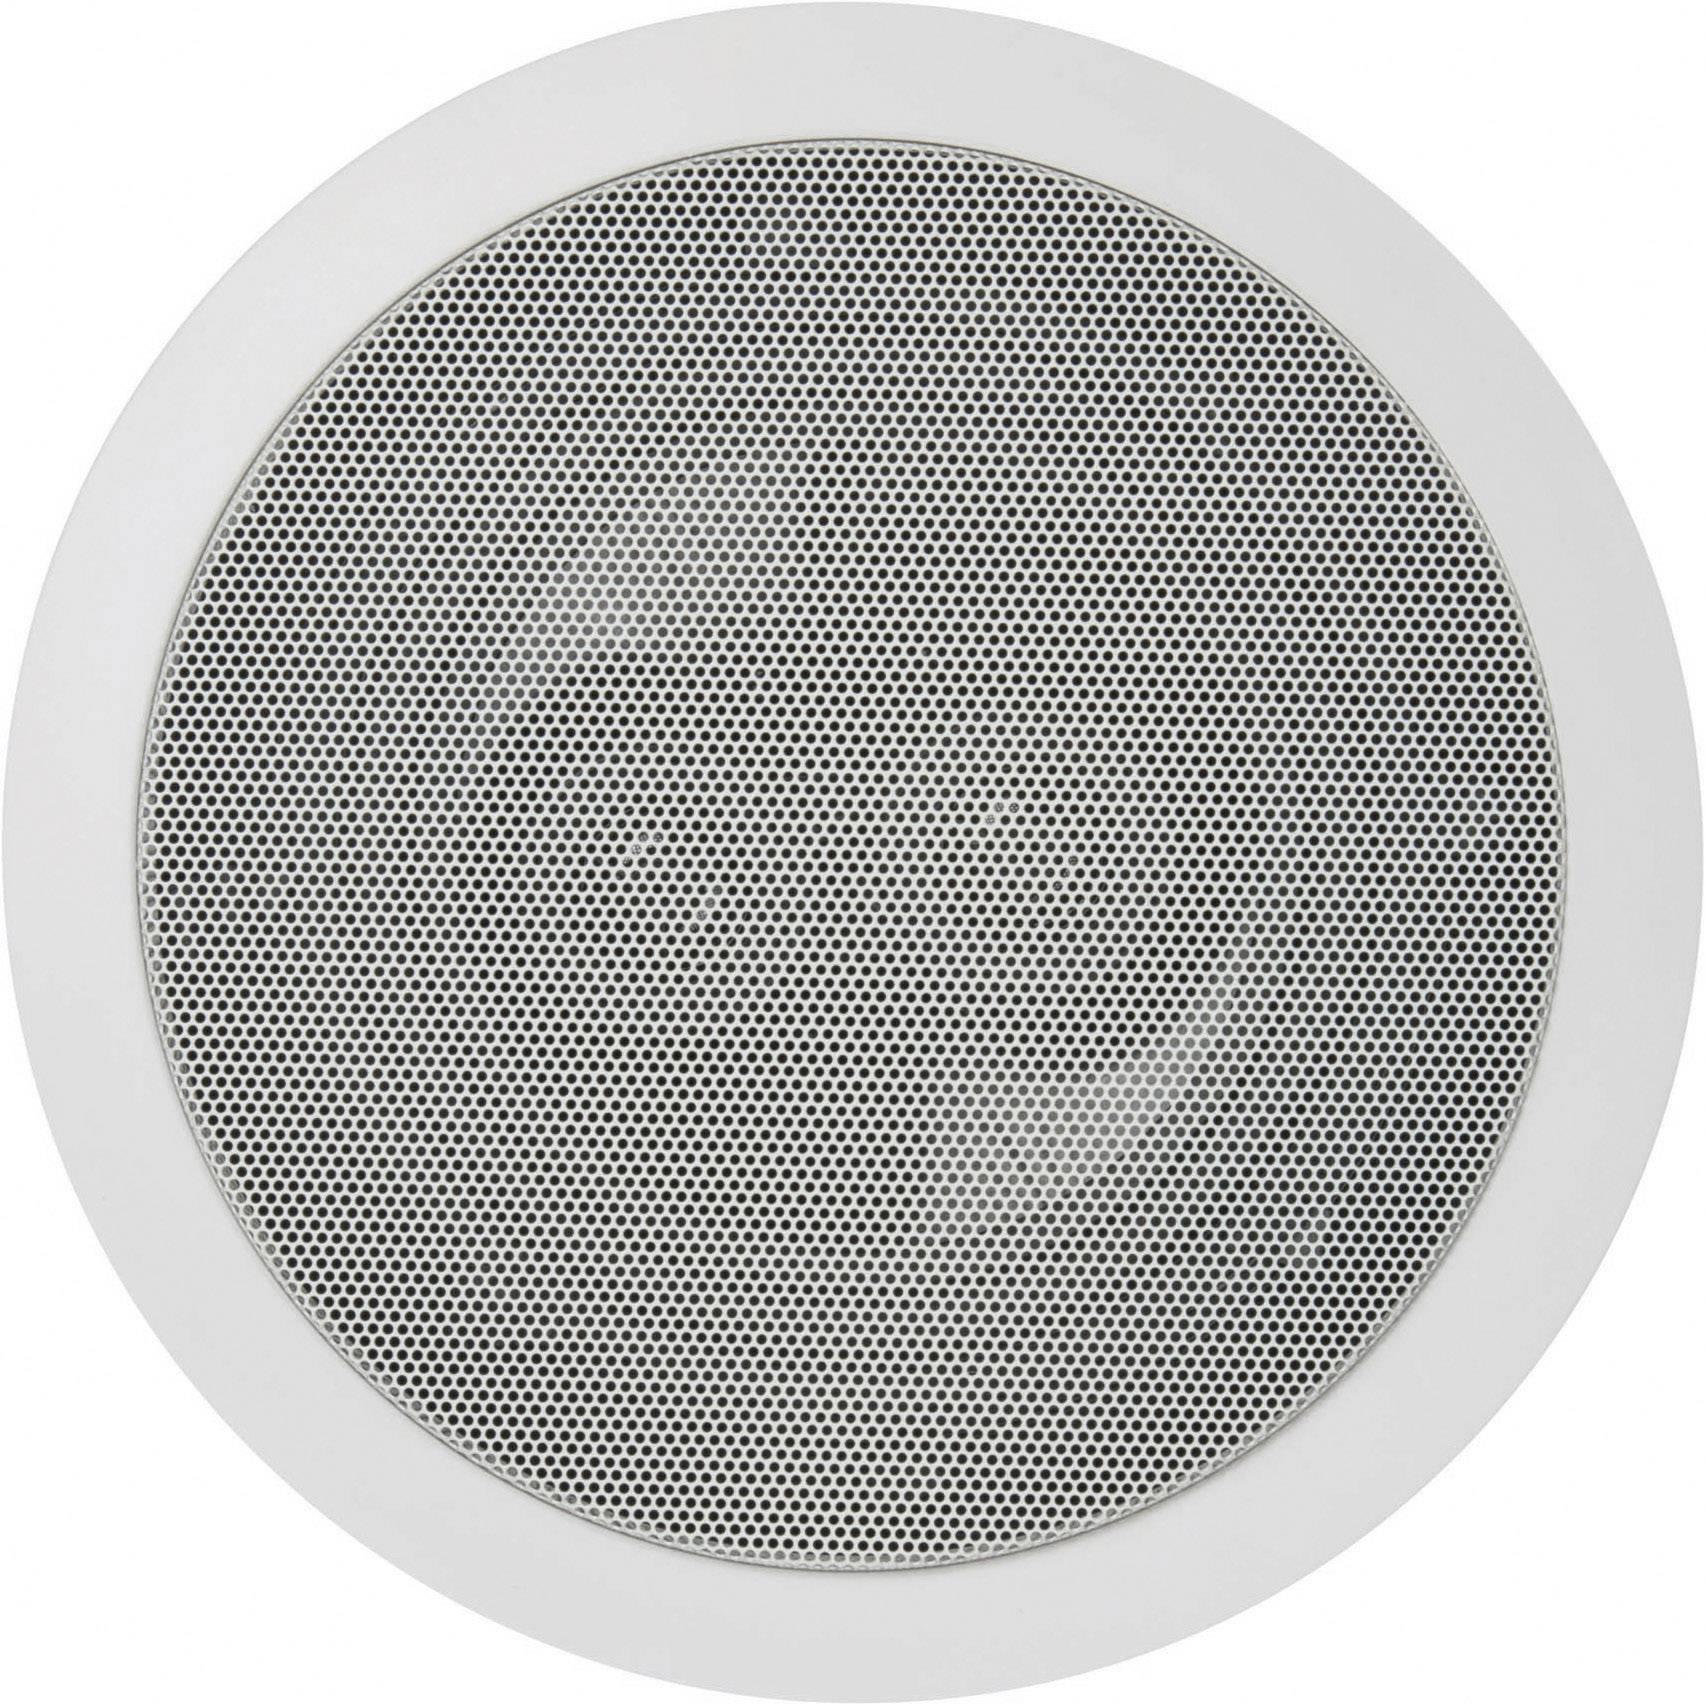 Zabudovateľný reproduktor Magnat ICP 262, 2 x 8 Ohm, 120 W, biela, 1 pár